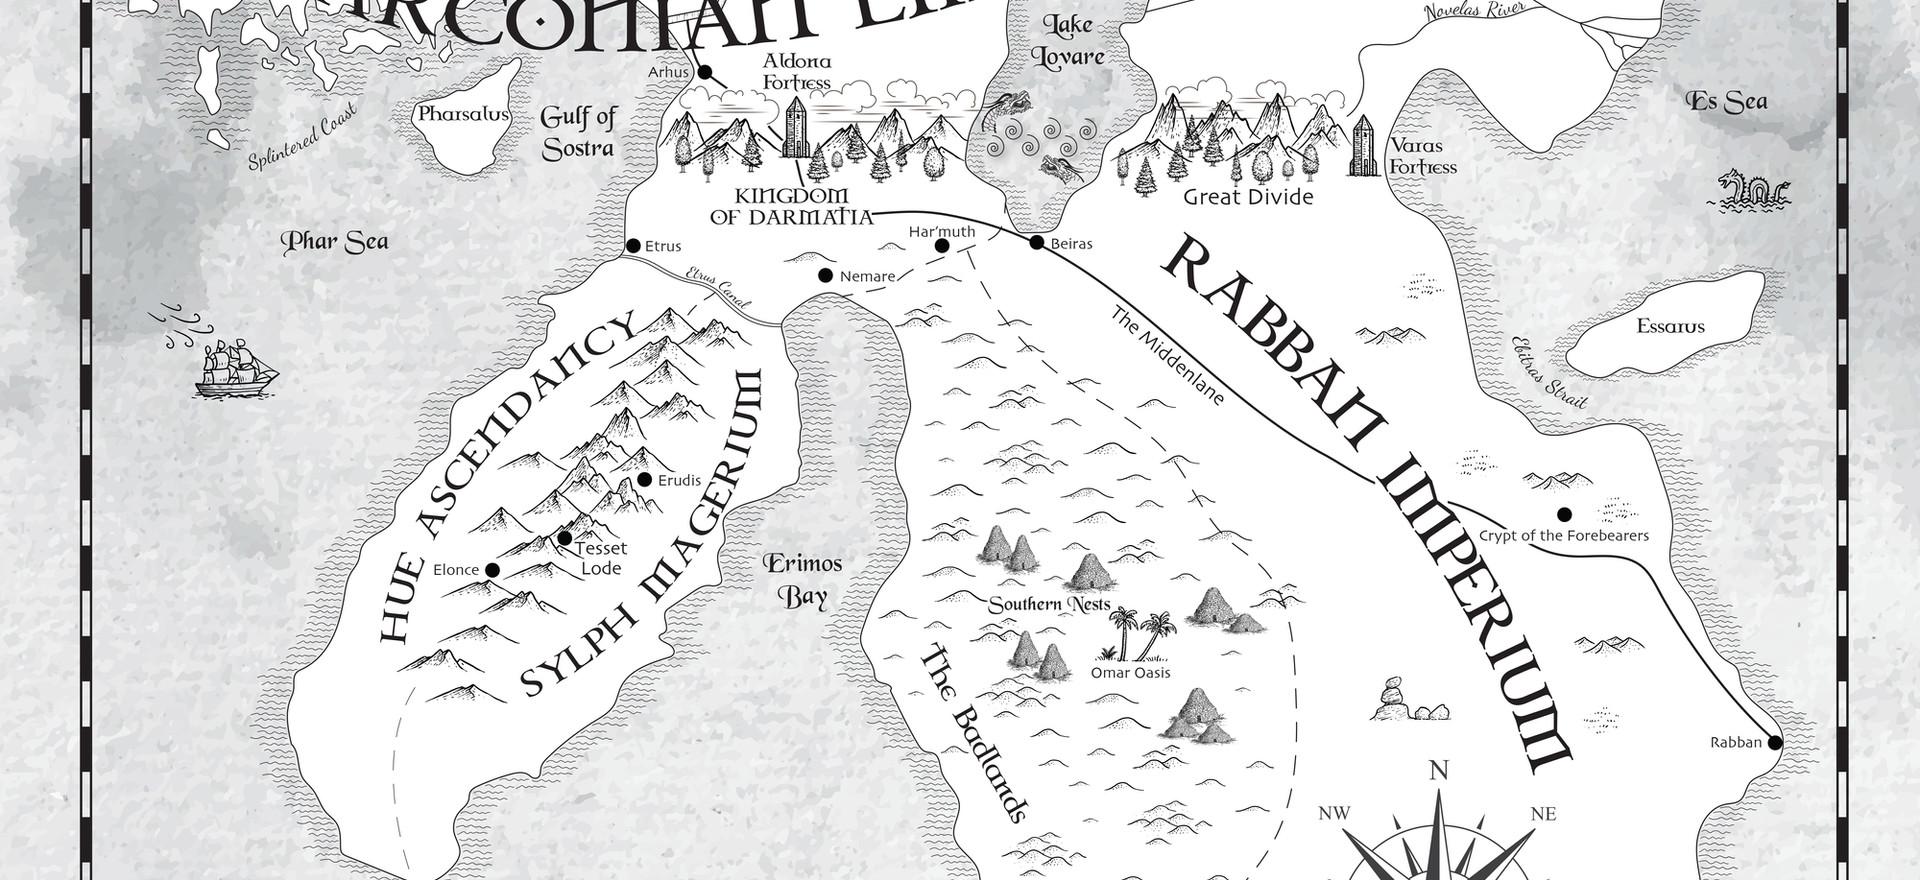 Russell-map1-final5.jpg